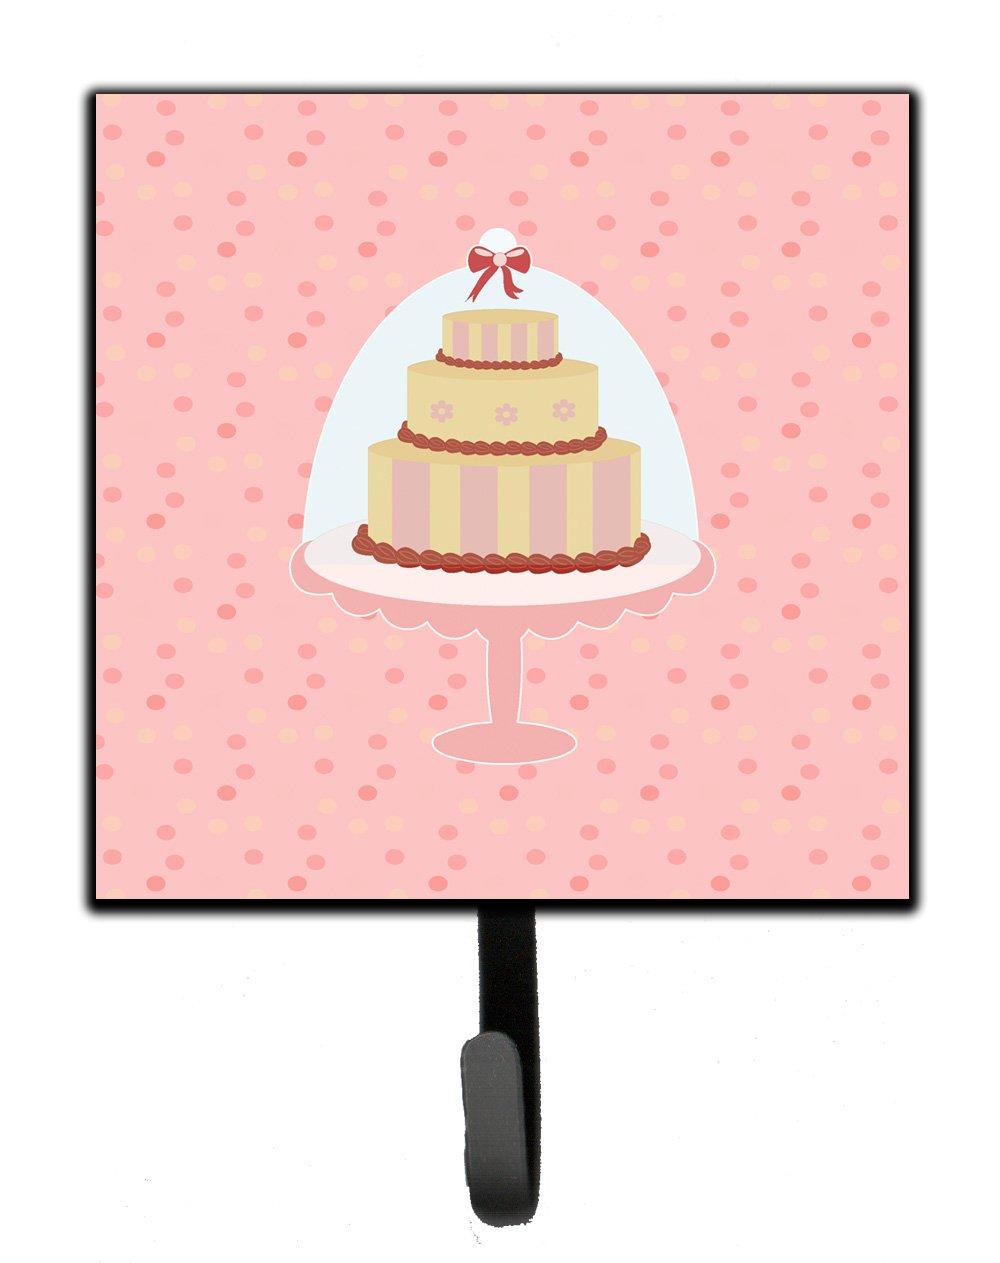 Carolines Treasures Decorative Cake 3 Tier Pink Wall Hook Small Multicolor